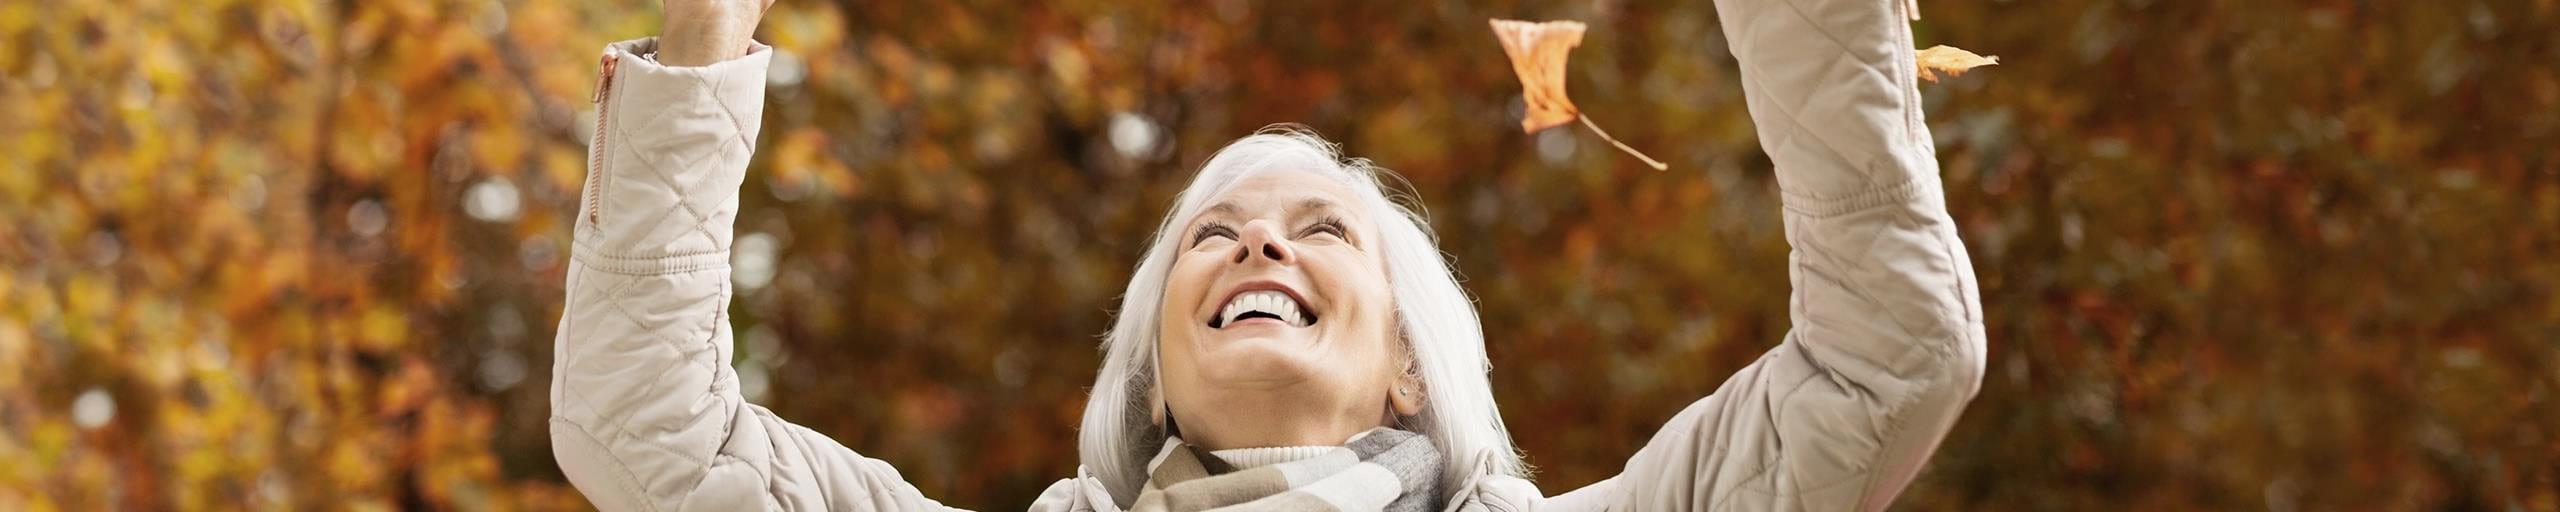 Una donna butta sorridendo delle foglie secche in aria.